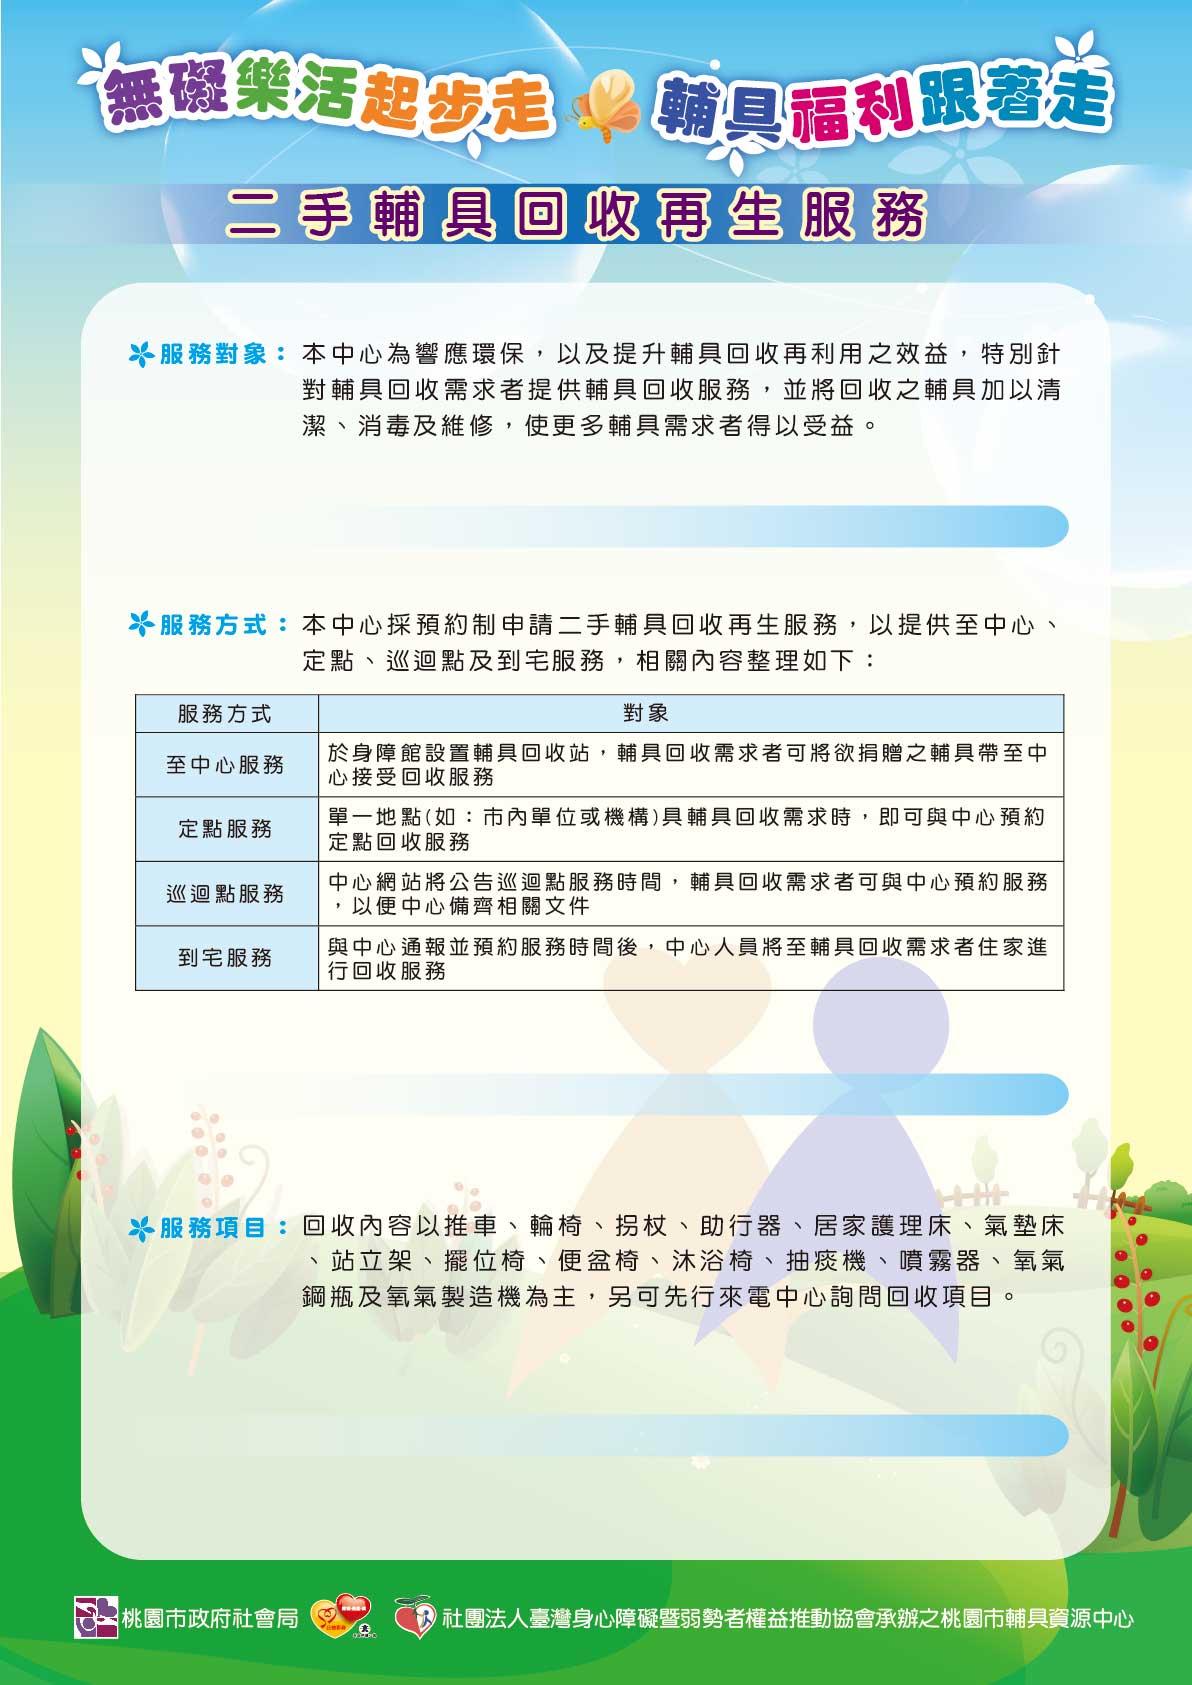 輔具02二手輔具回收再生流程海報-1104-01(OK).jpg